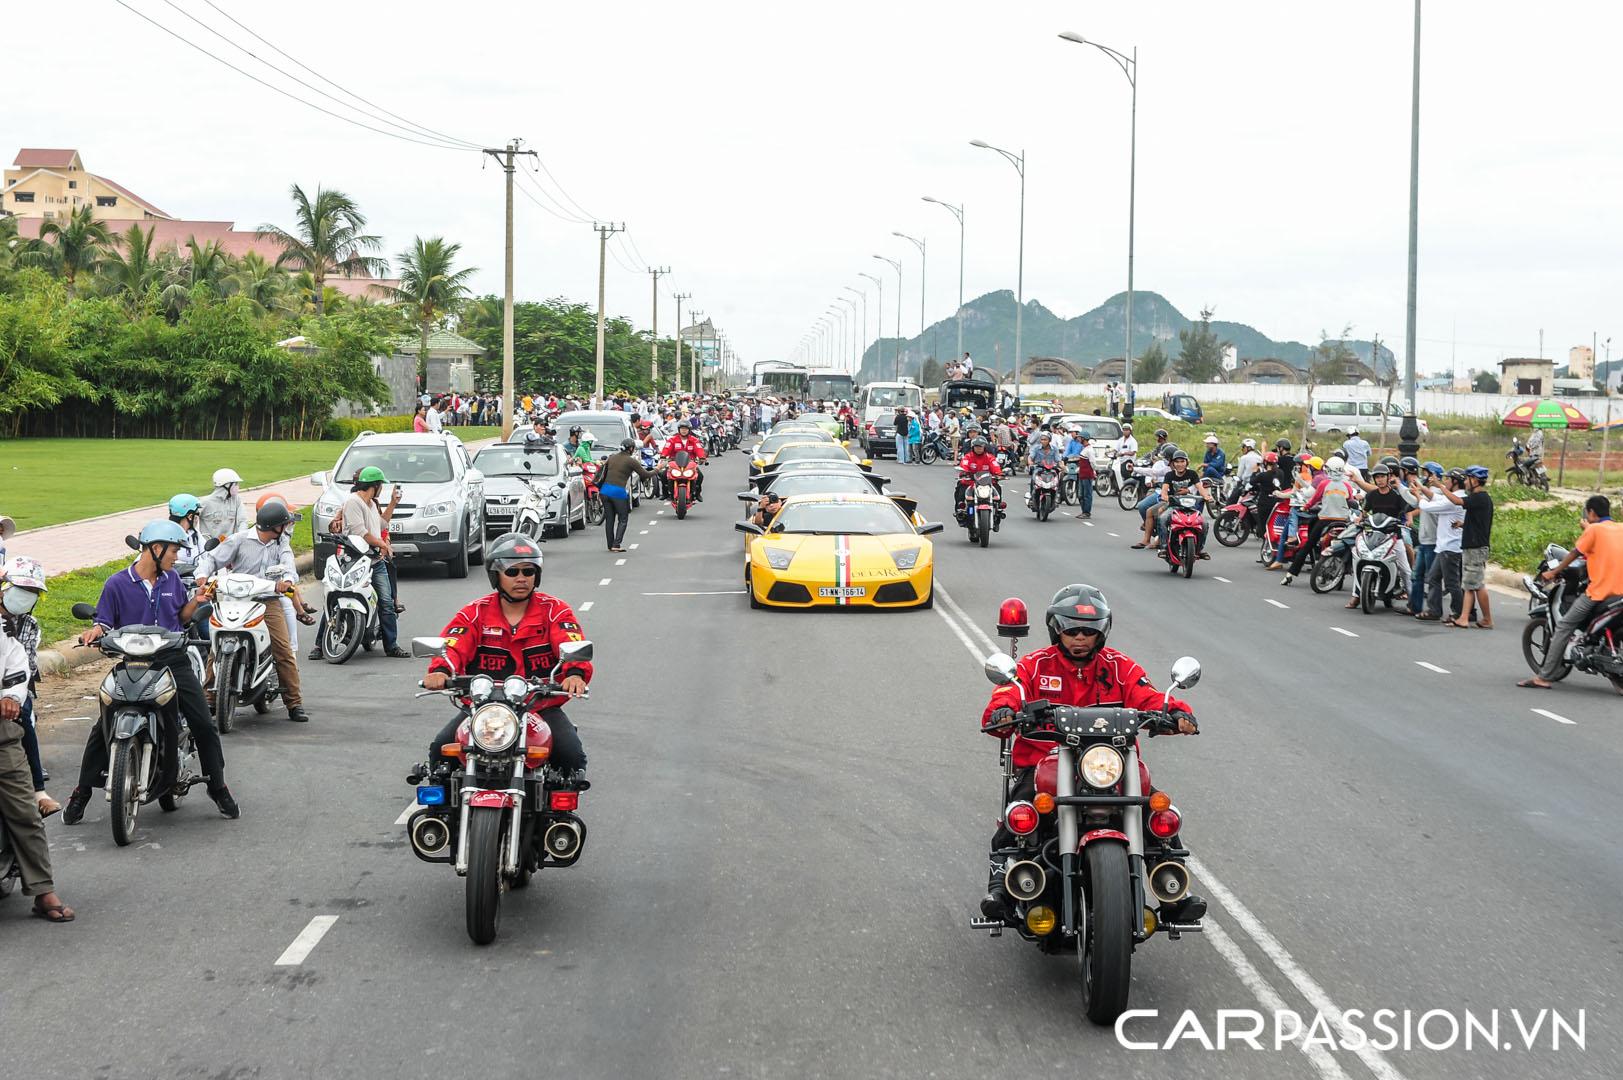 CP-Hành trình siêu xe CarPassion 2011 Day 5 (202).jpg